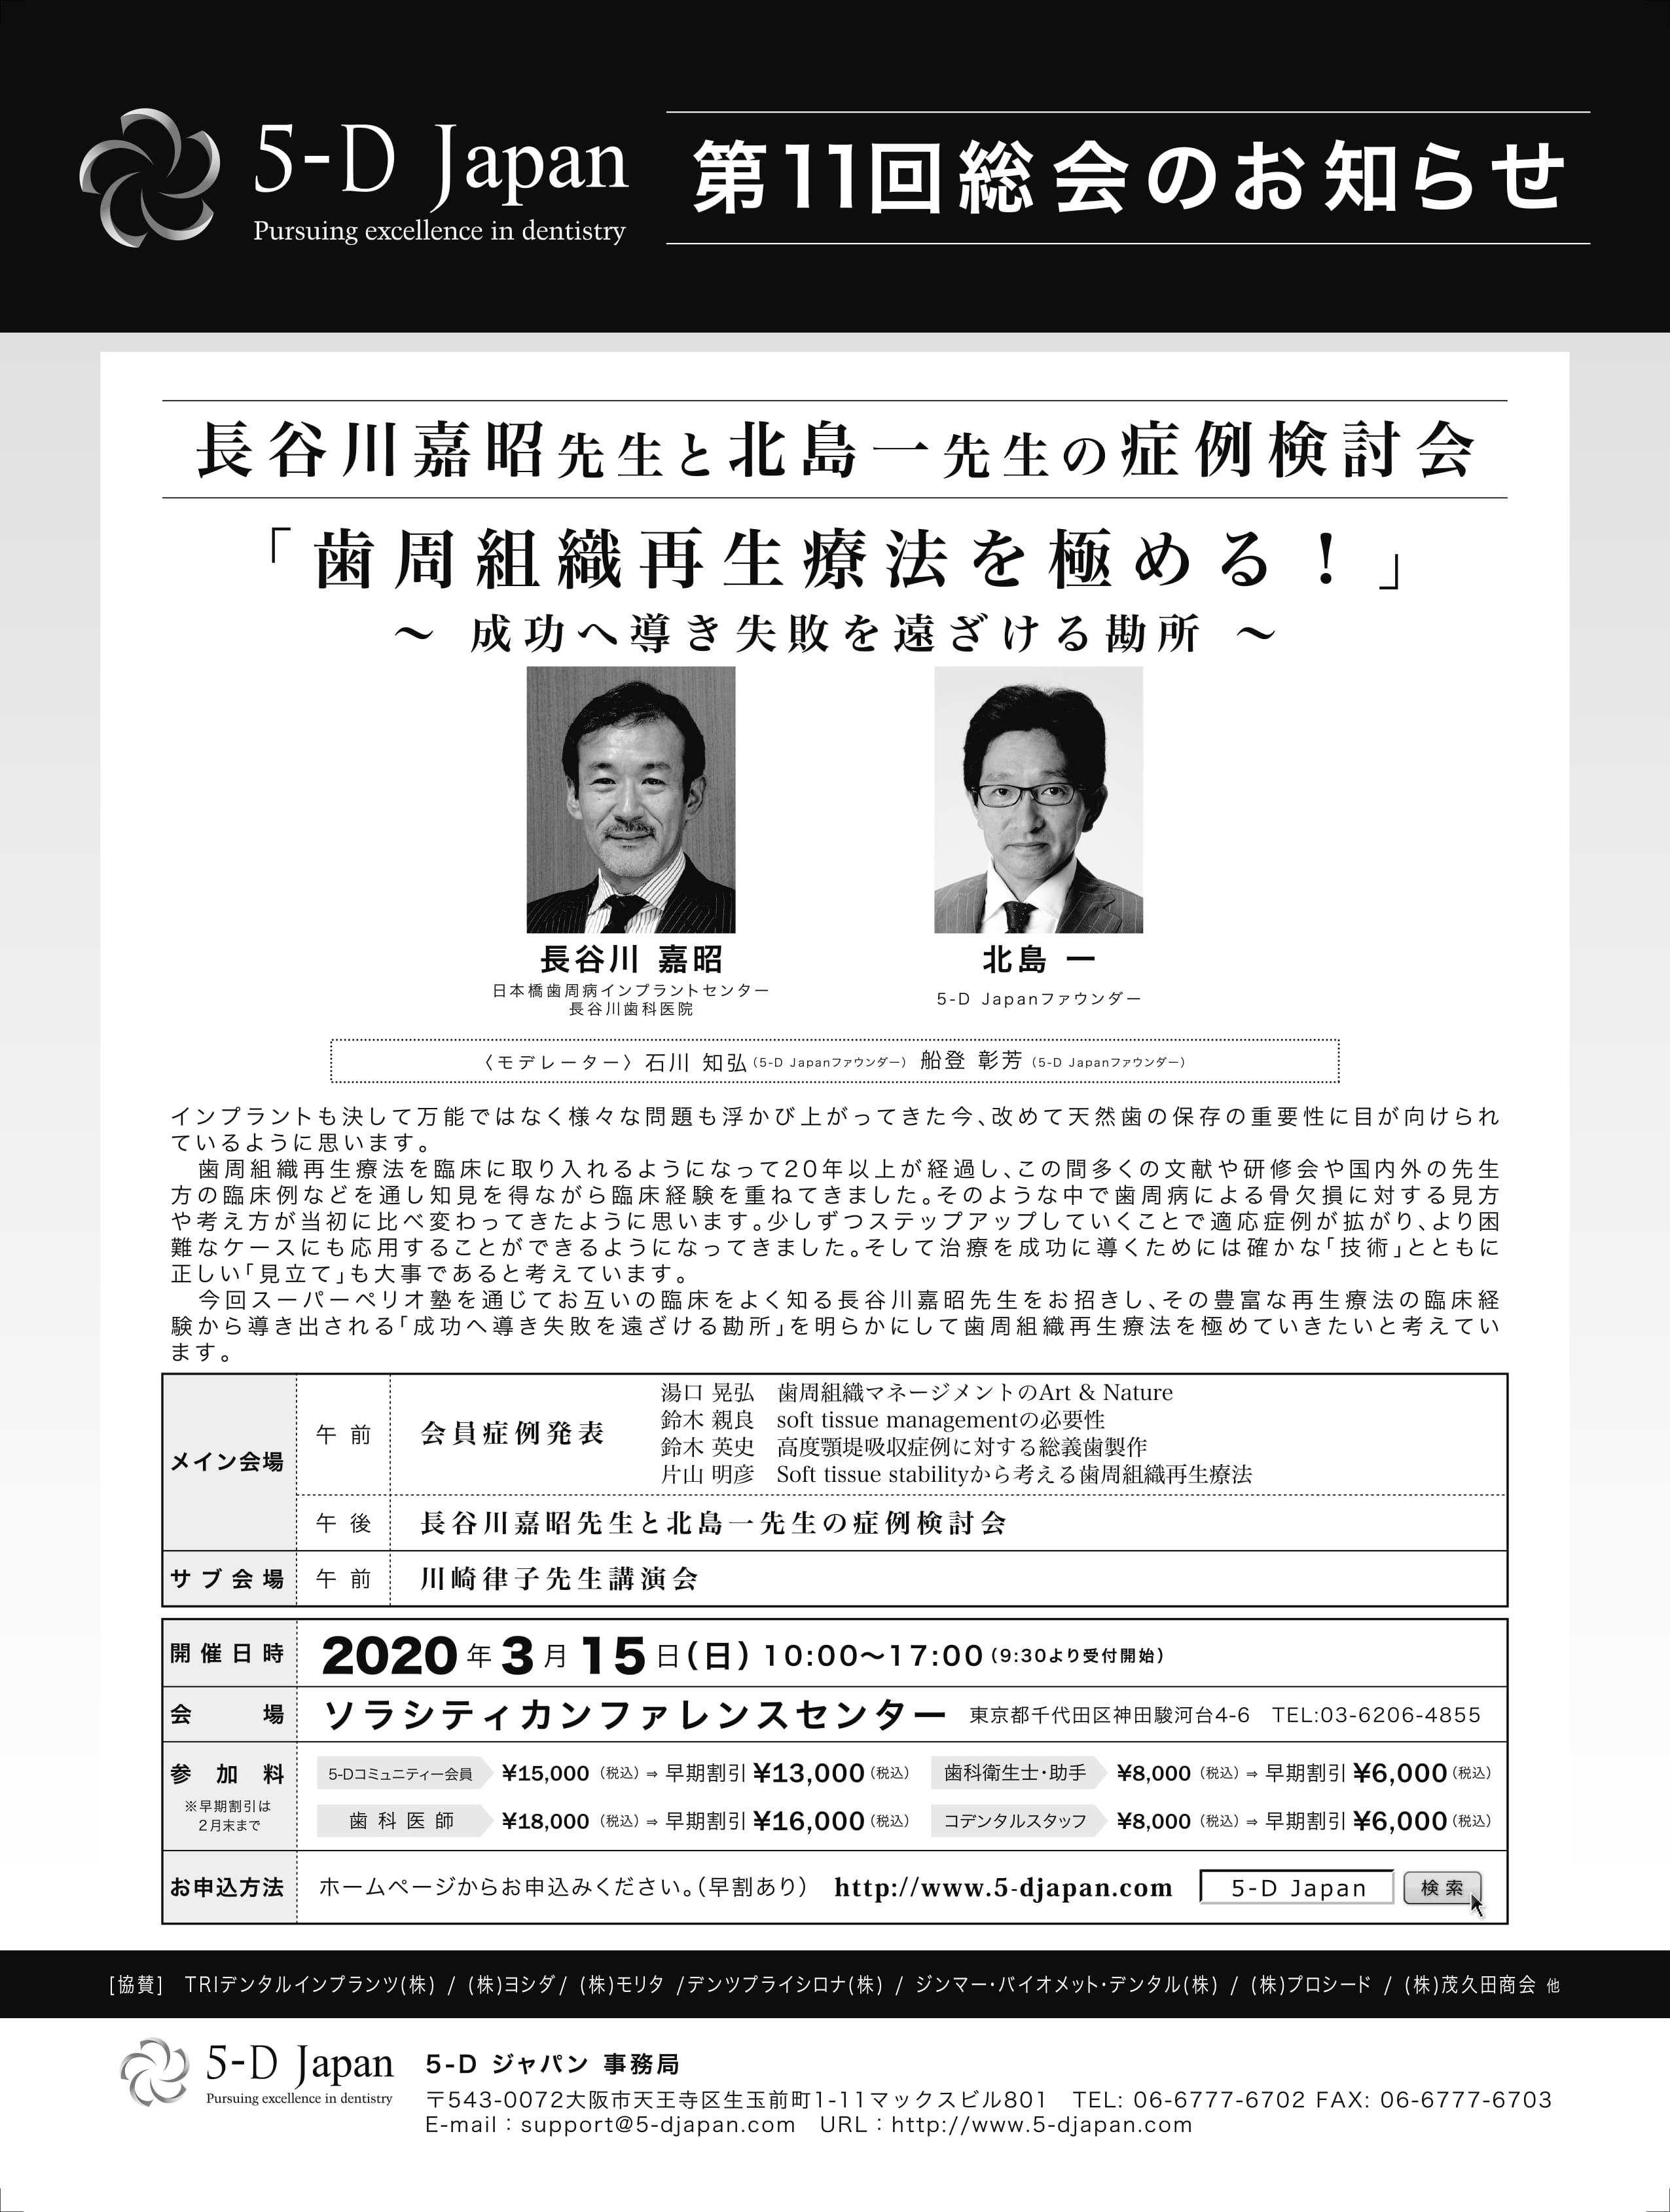 5-D Japan 第11回総会のお知らせ